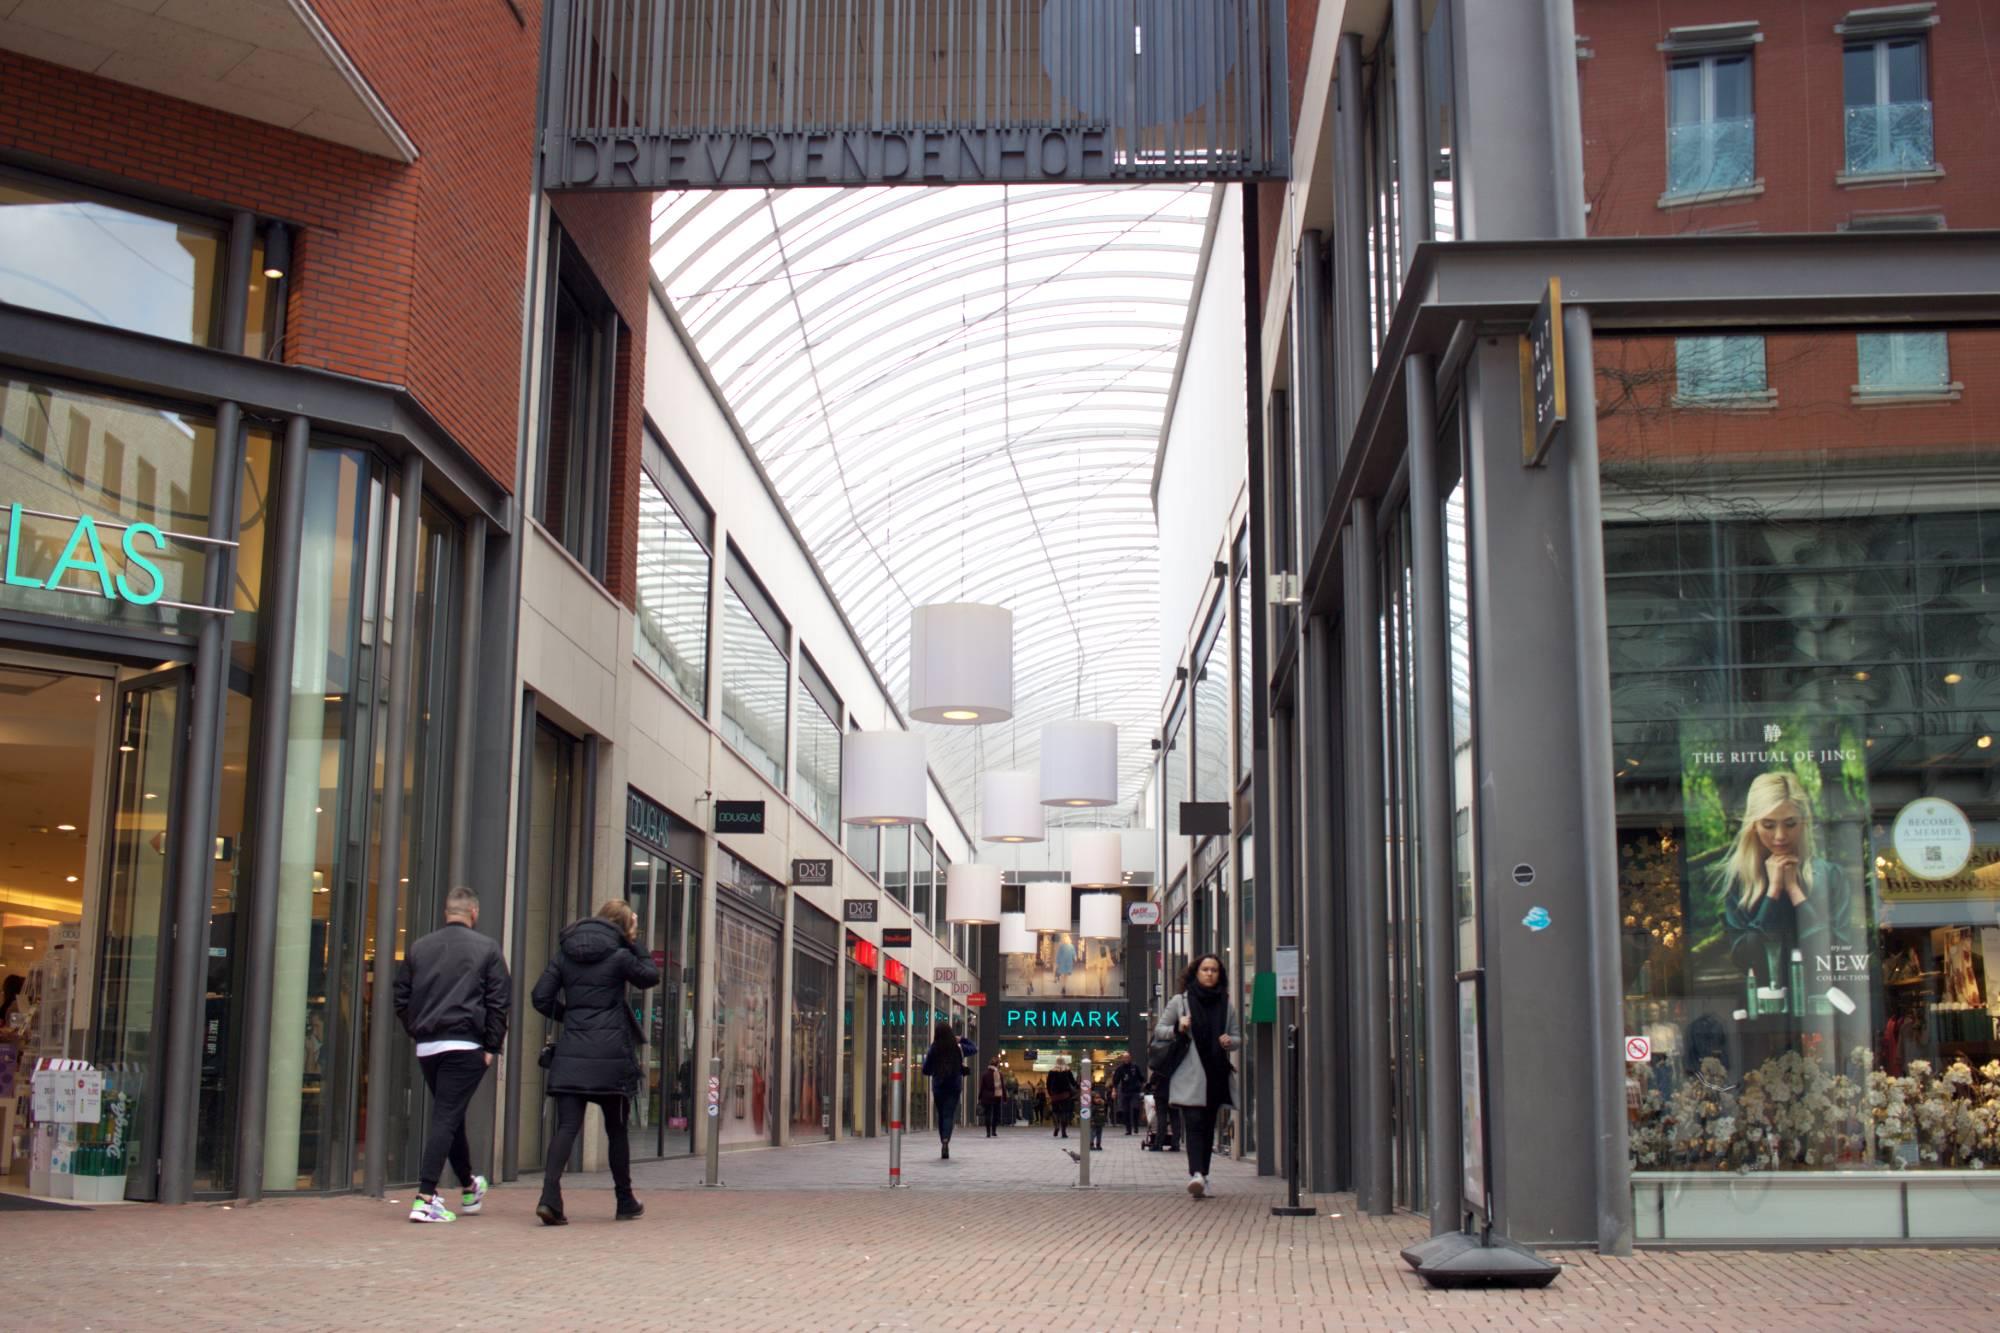 Drievriendenhof winkelcentrum winkelen shoppen aanbiedingen